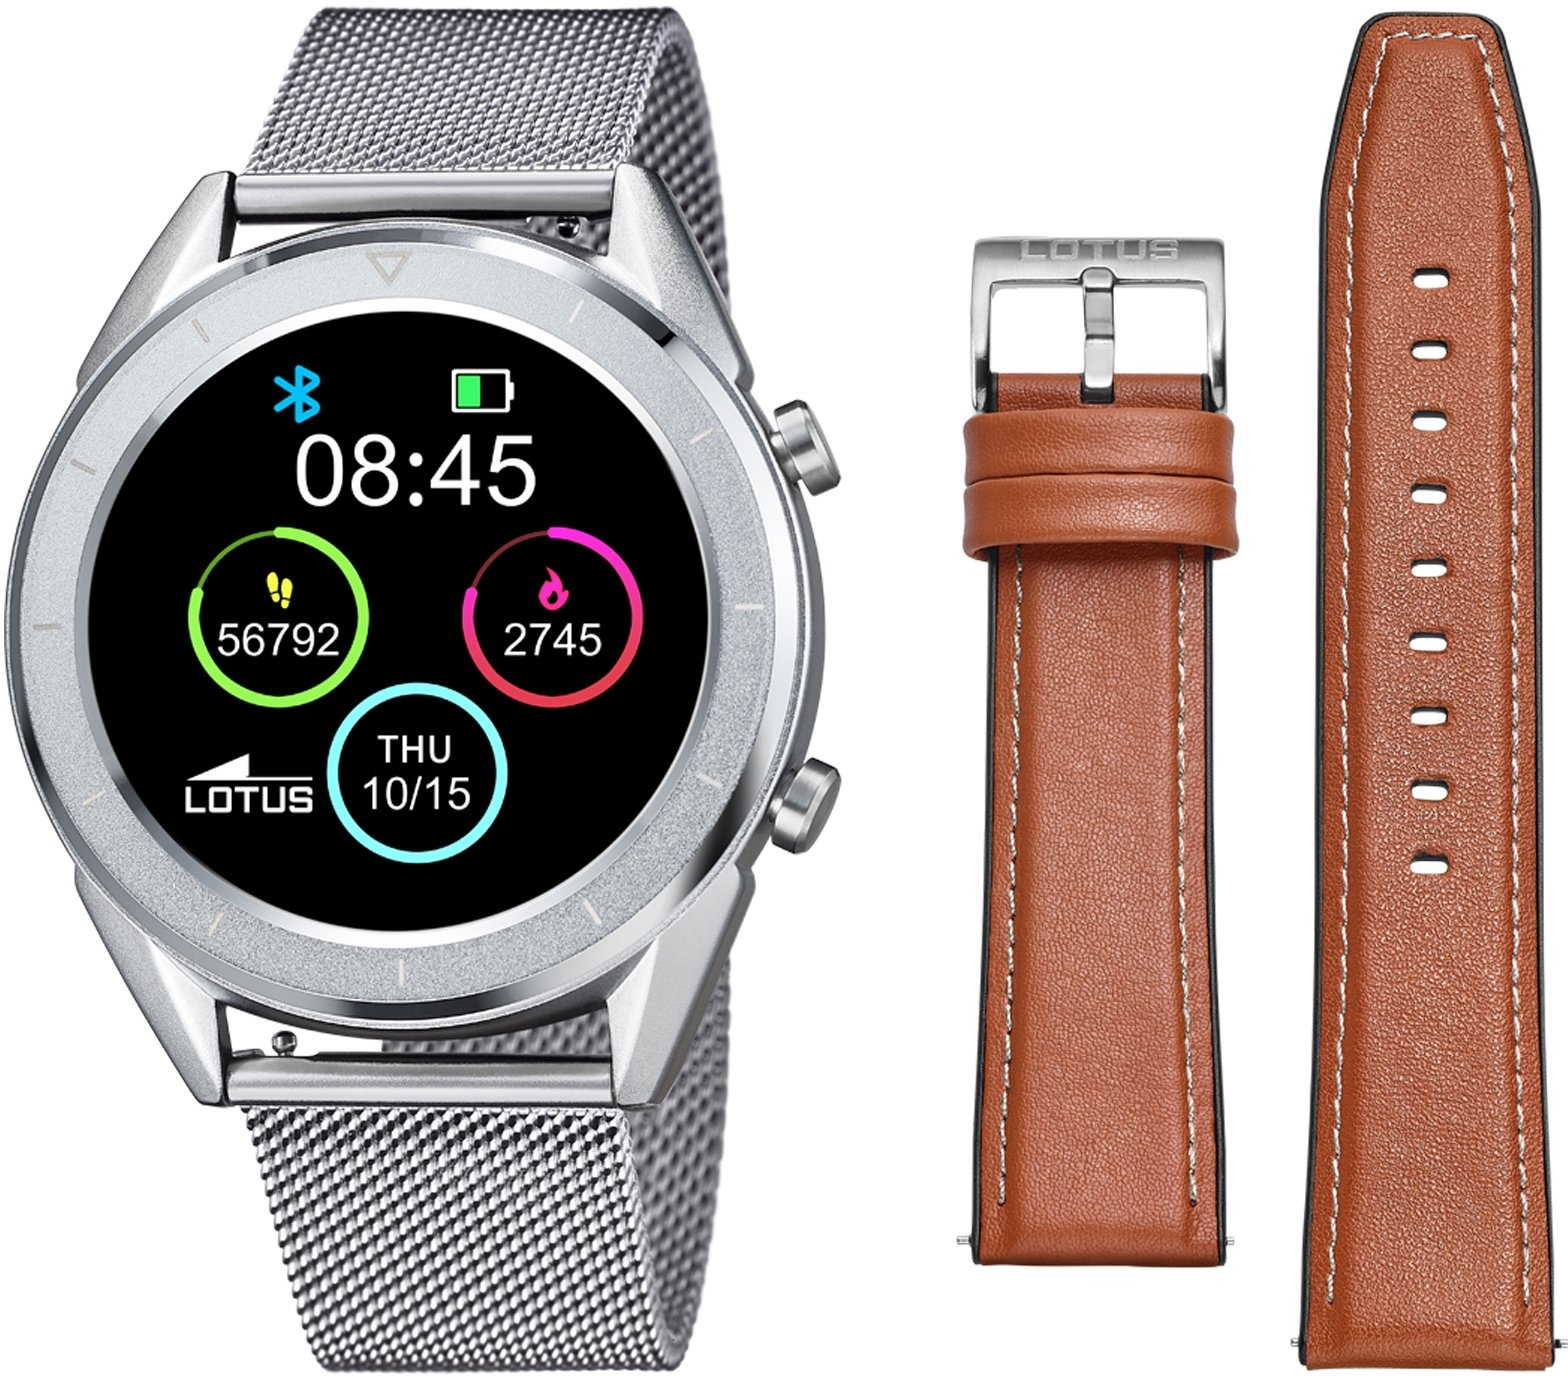 Lotus smartwatch Smartime, 50006/1 (3-delig, Met wisselband van echt leer en oplaadkabel) voordelig en veilig online kopen